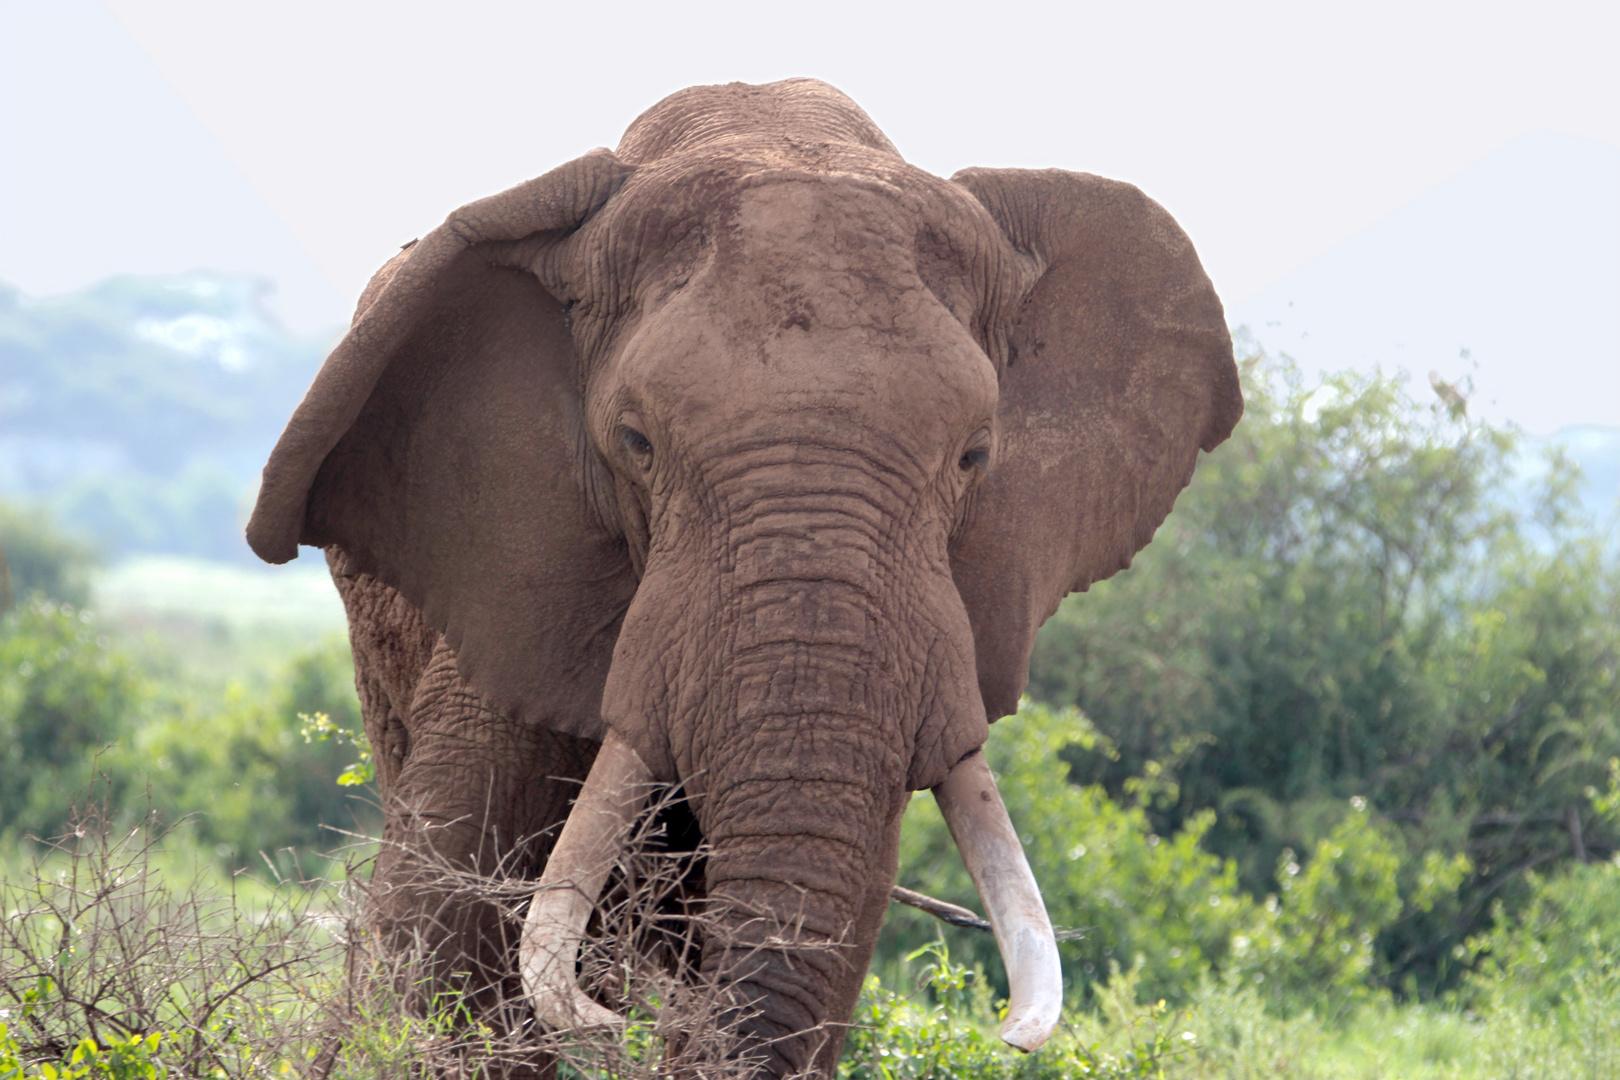 elefanten-bulle im nationalpark amboseli, afrika foto